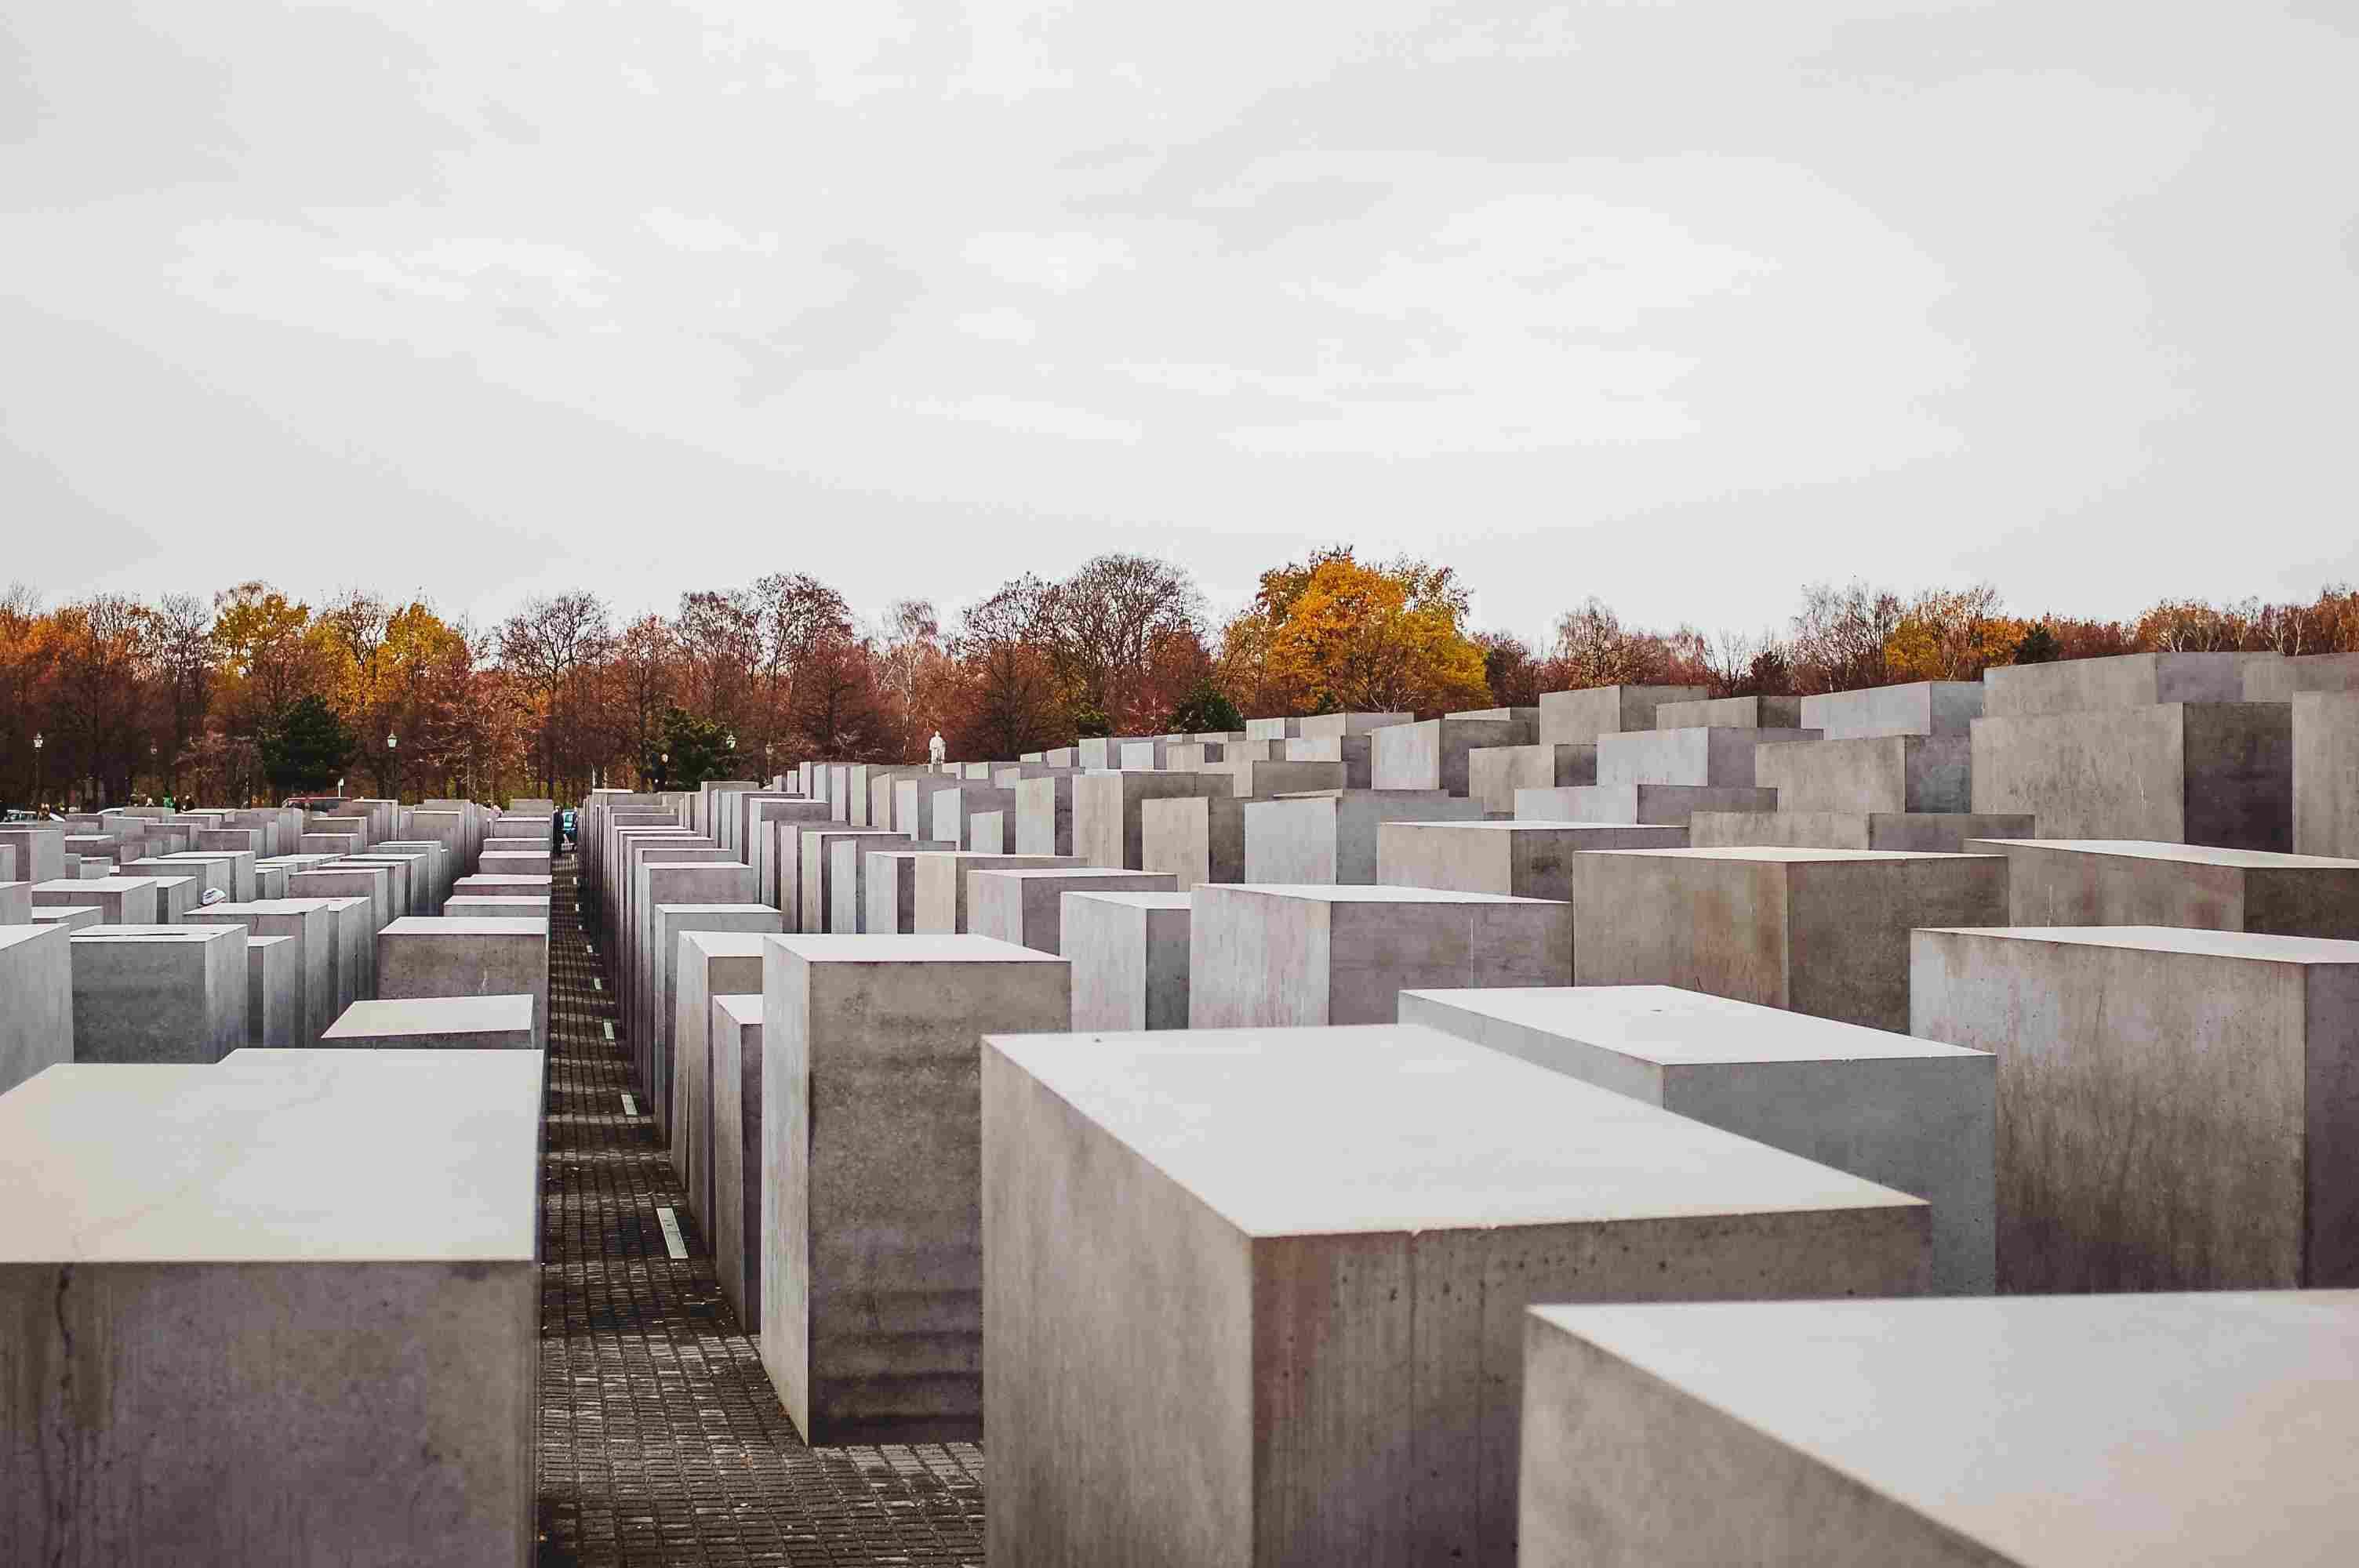 El monumento judío en Berlín